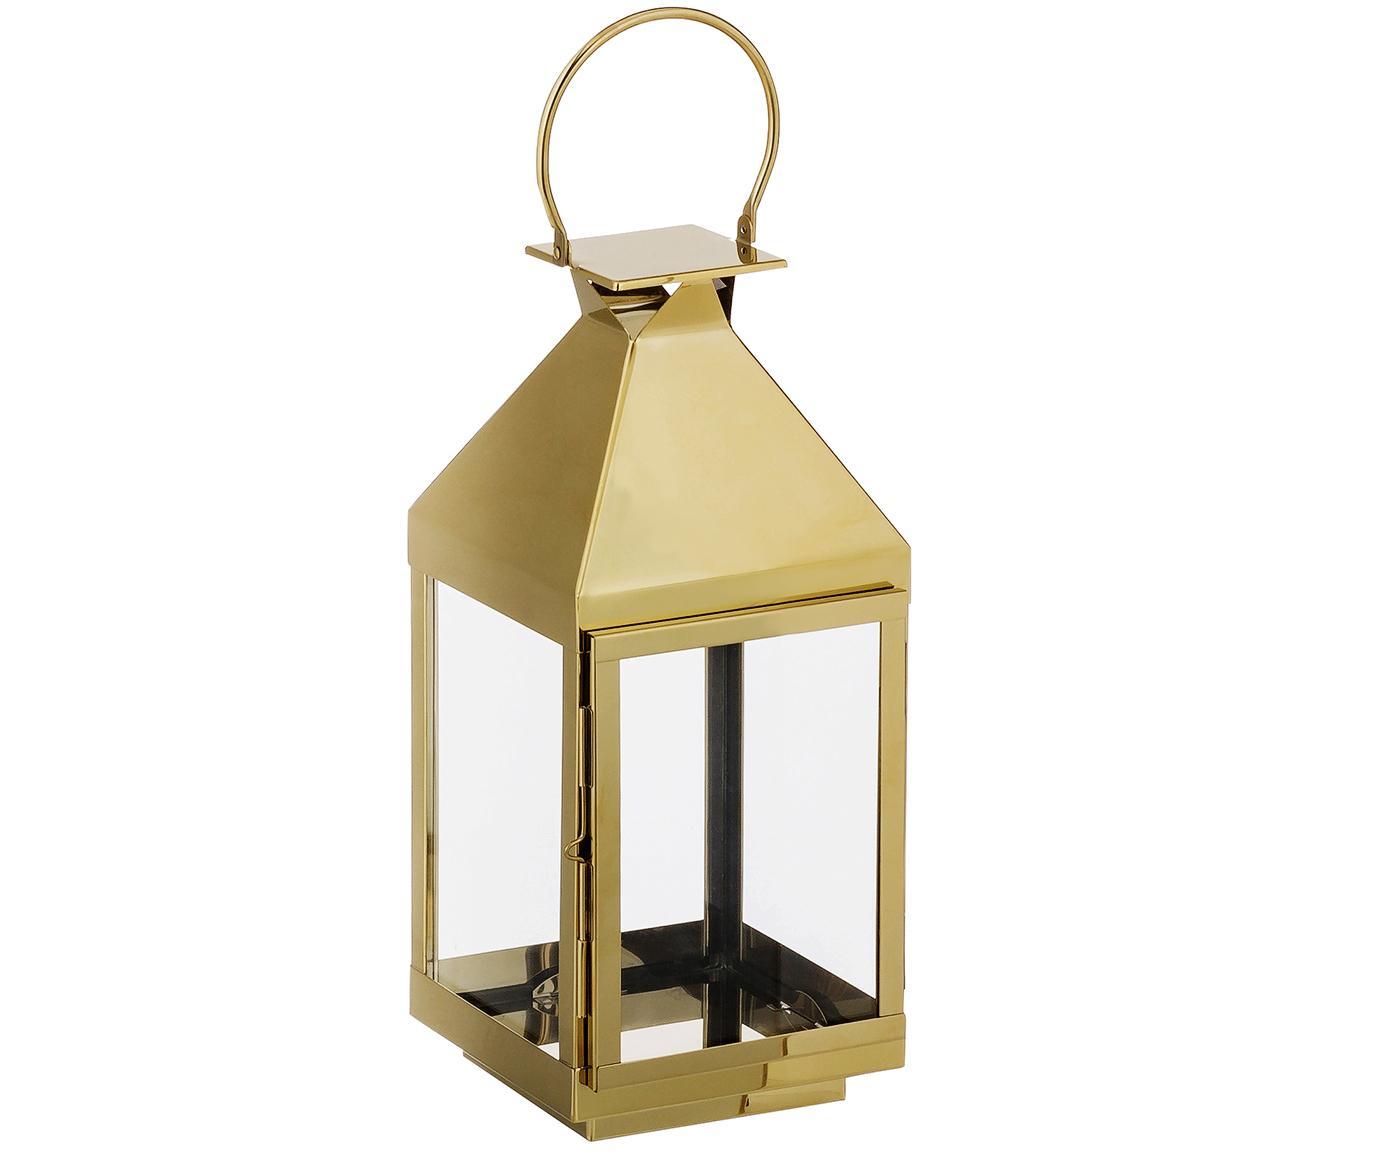 Lantaarn Grace, Hoogglans gepolijst edelstaal, glas, Goudkleurig, hoogglans gepolijst, H 50 cm